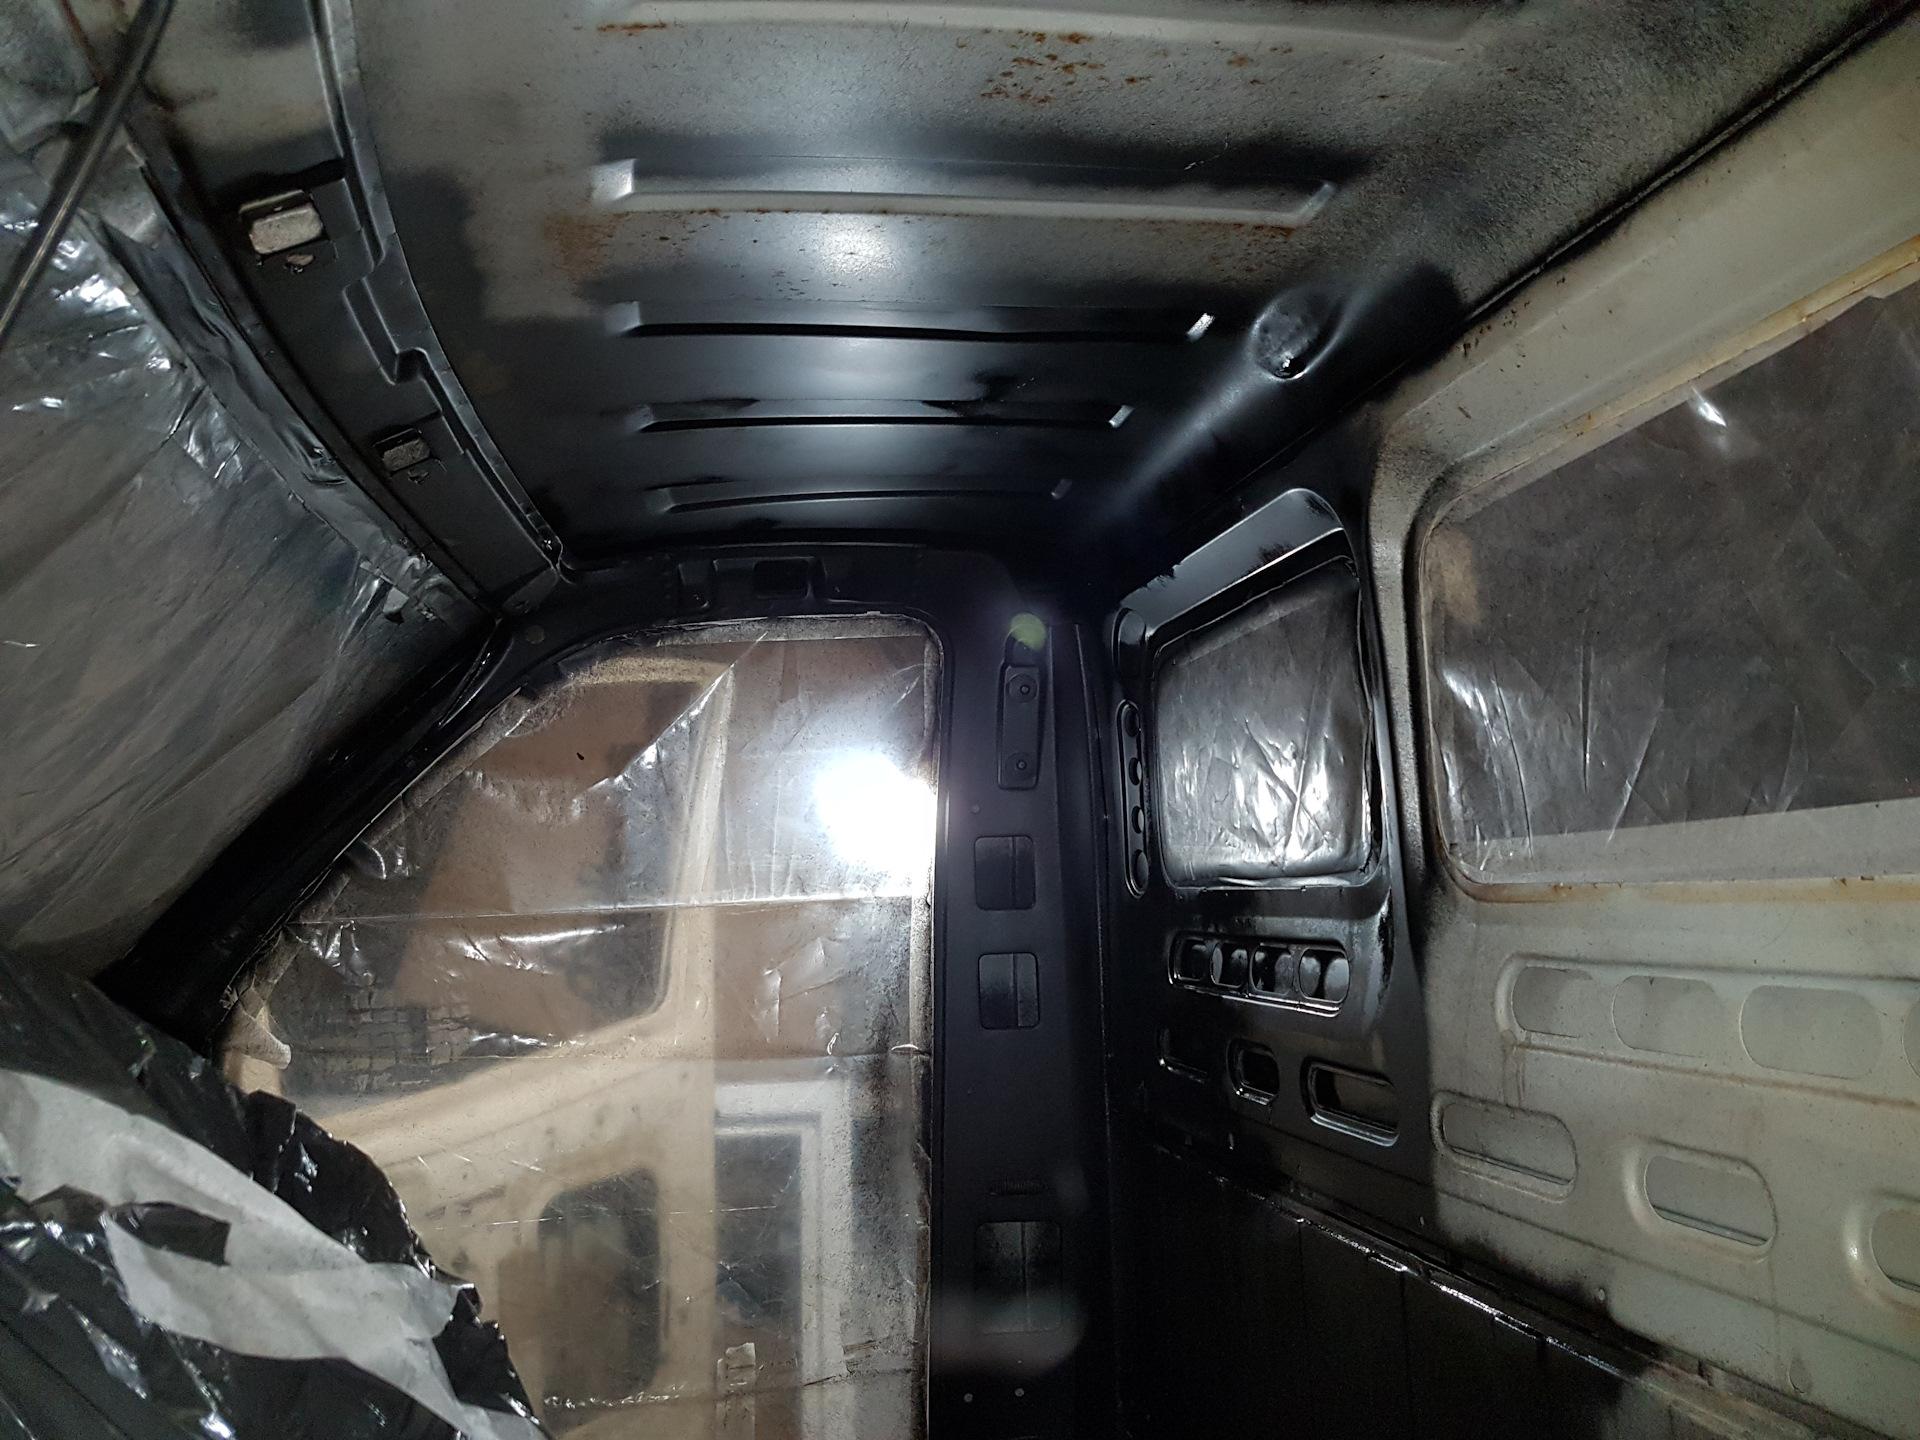 Тюнинг внутри кабины газели фото